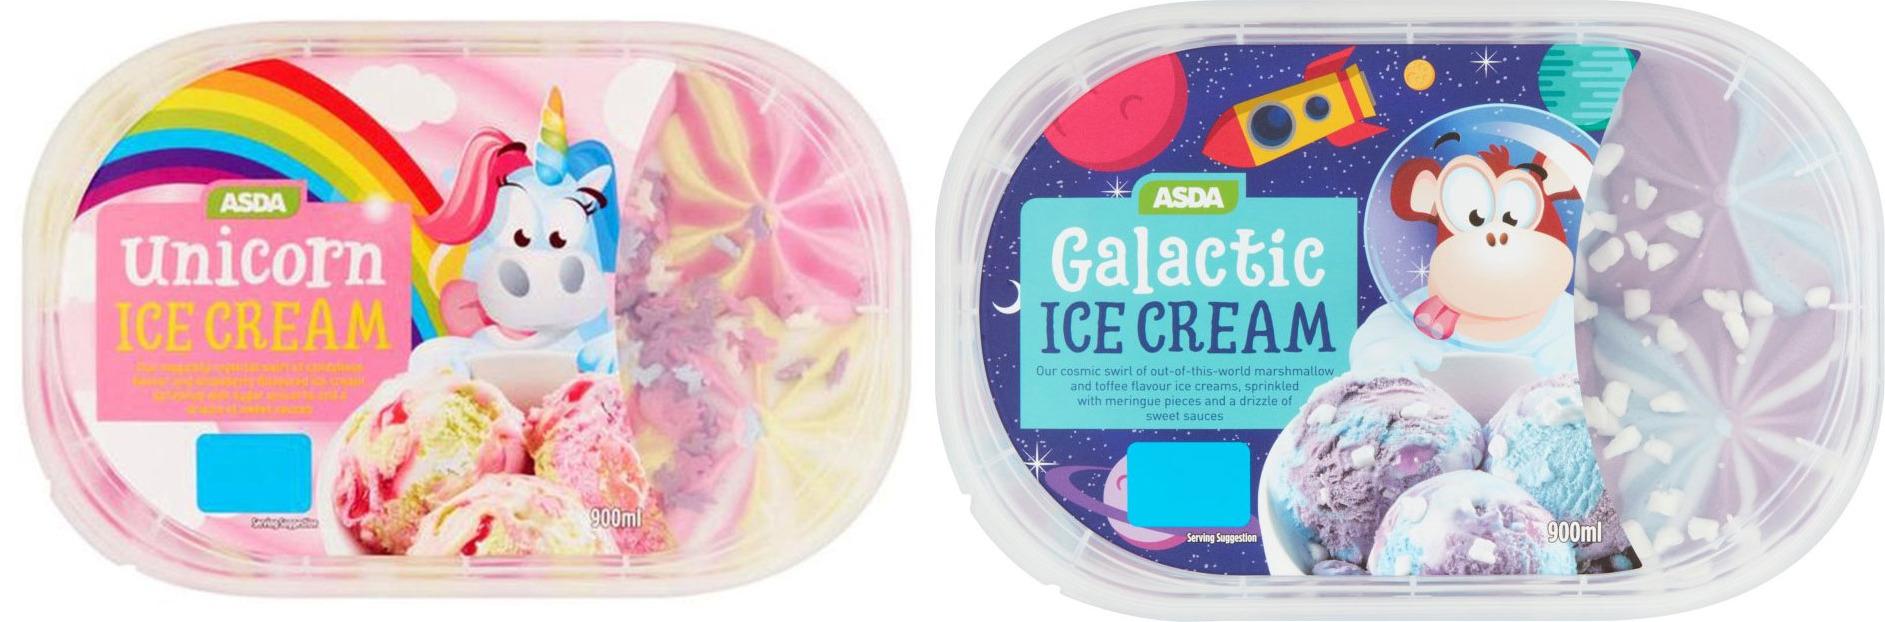 ASDA Unicorn /  Galactic Ice Cream 900ml New £2 @ Asda - Also 2 For £3